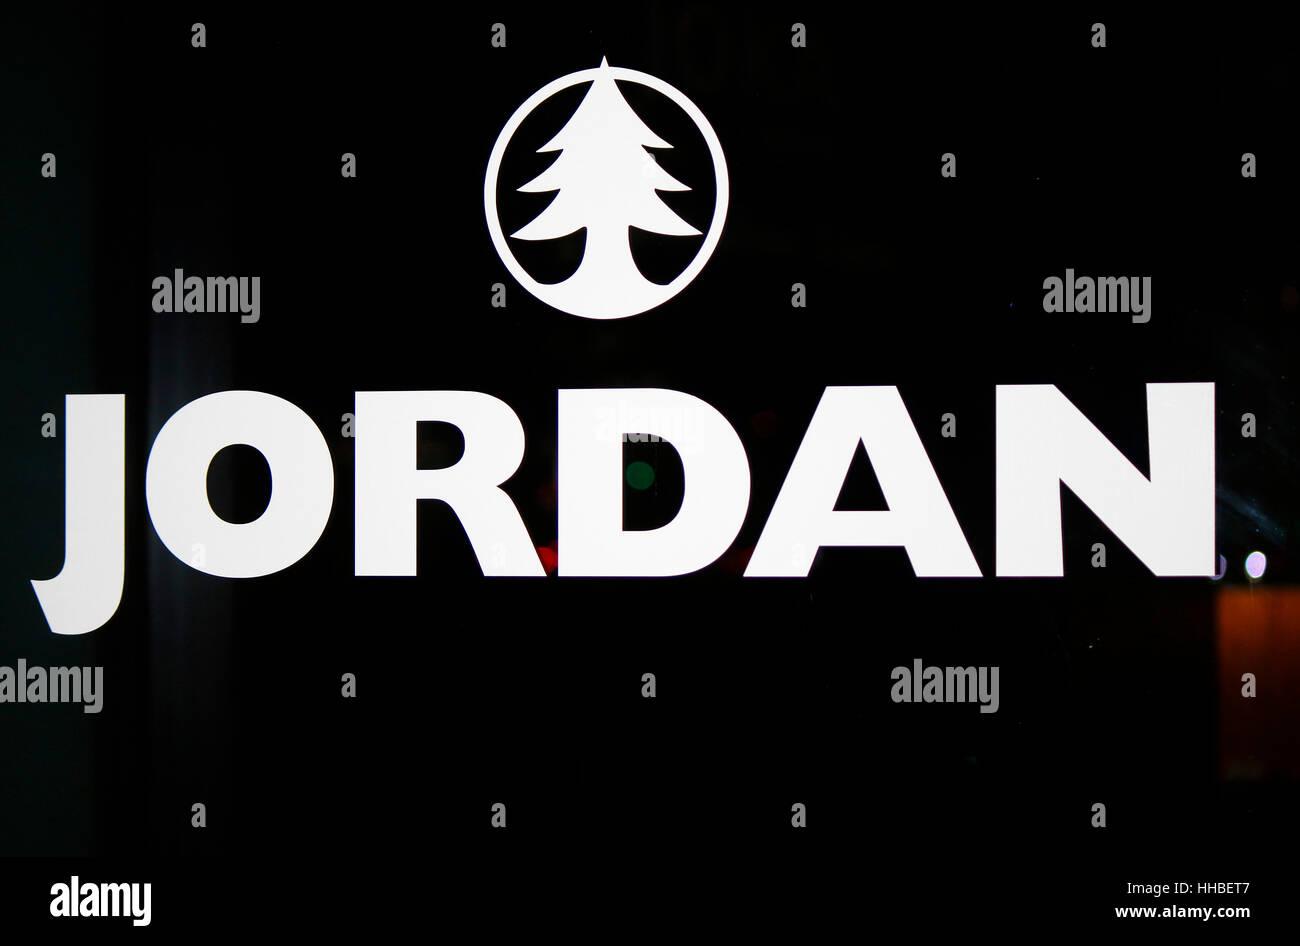 Emblem Of Jordan Stock Photos Emblem Of Jordan Stock Images Alamy